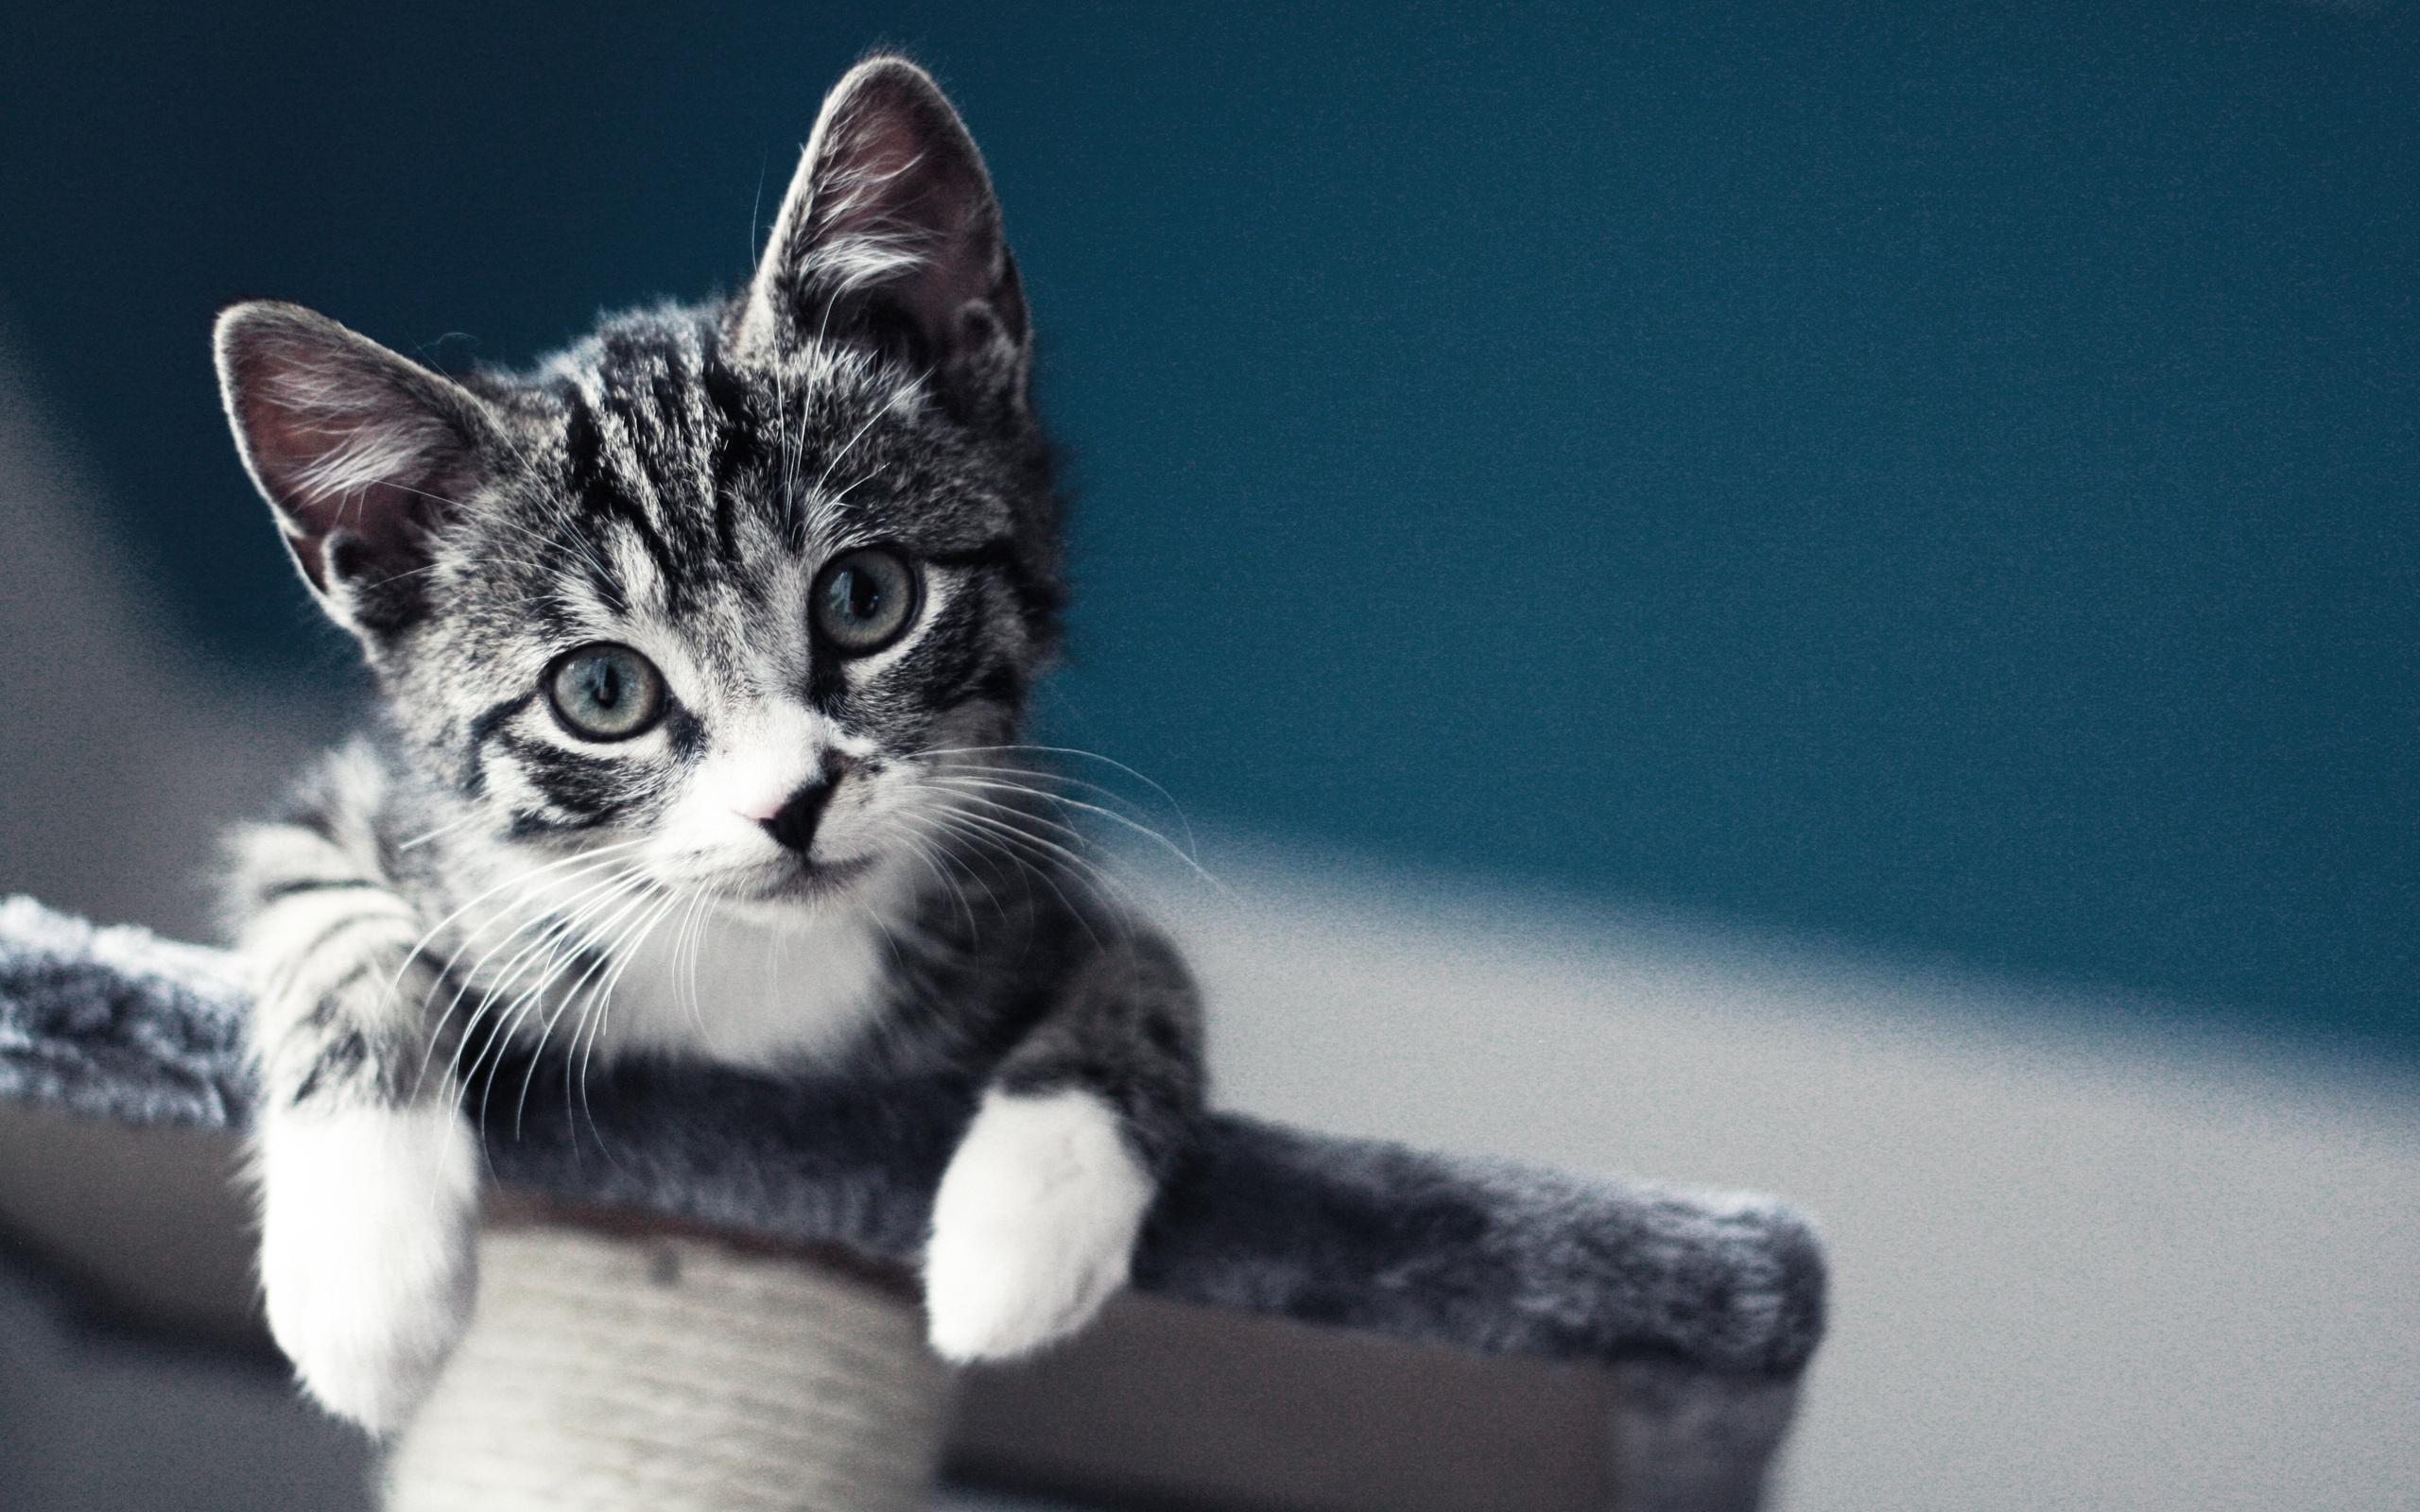 Котенок картинки для рабочего стола прикольные